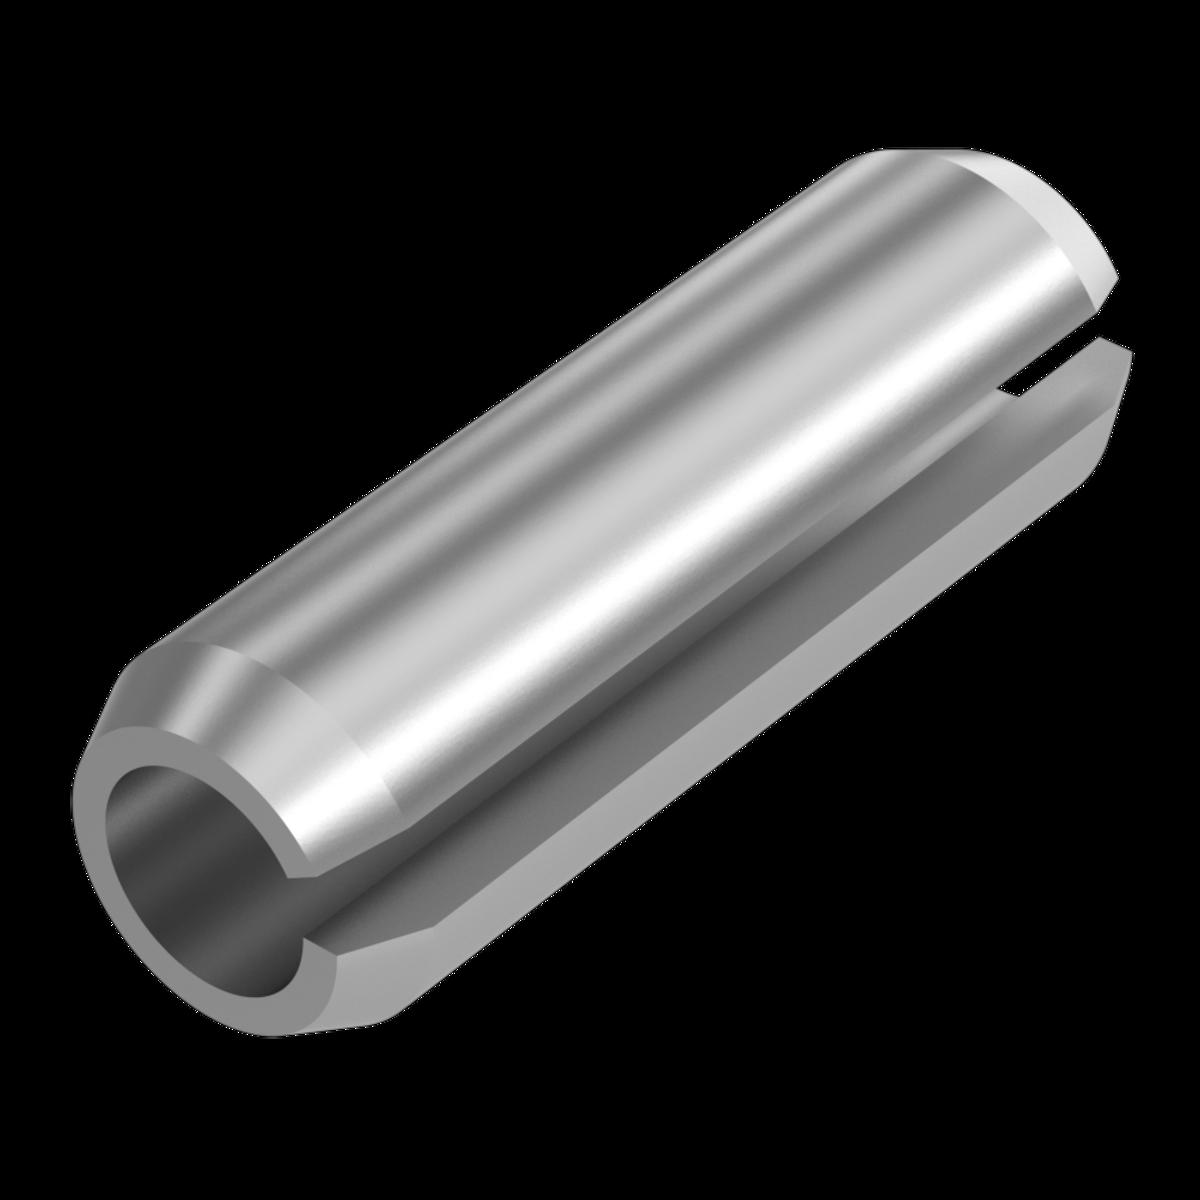 25 Spannstifte ISO 8752 1.4310 8x18 rostfrei Niro Edelstahl